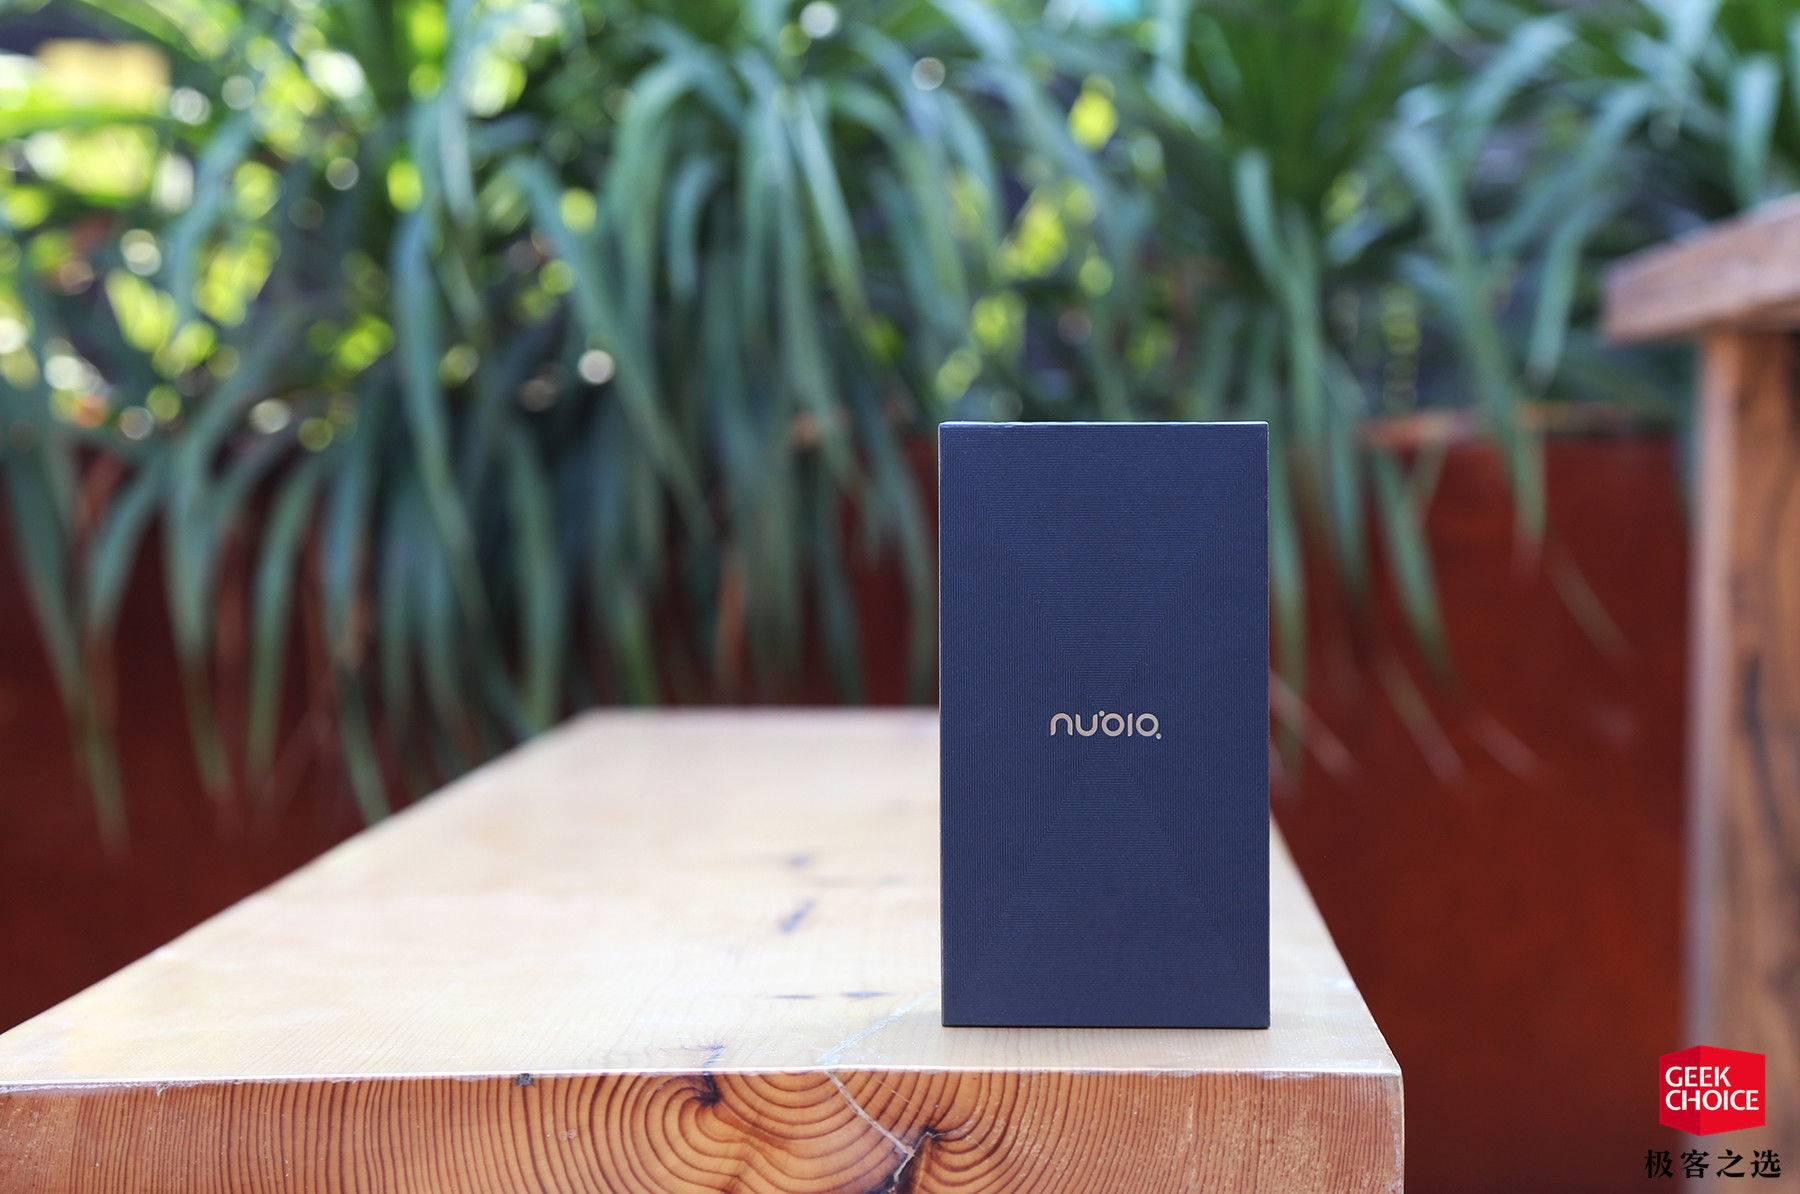 努比亚X评测 移除前置摄像头之后实现了非常高的屏占比